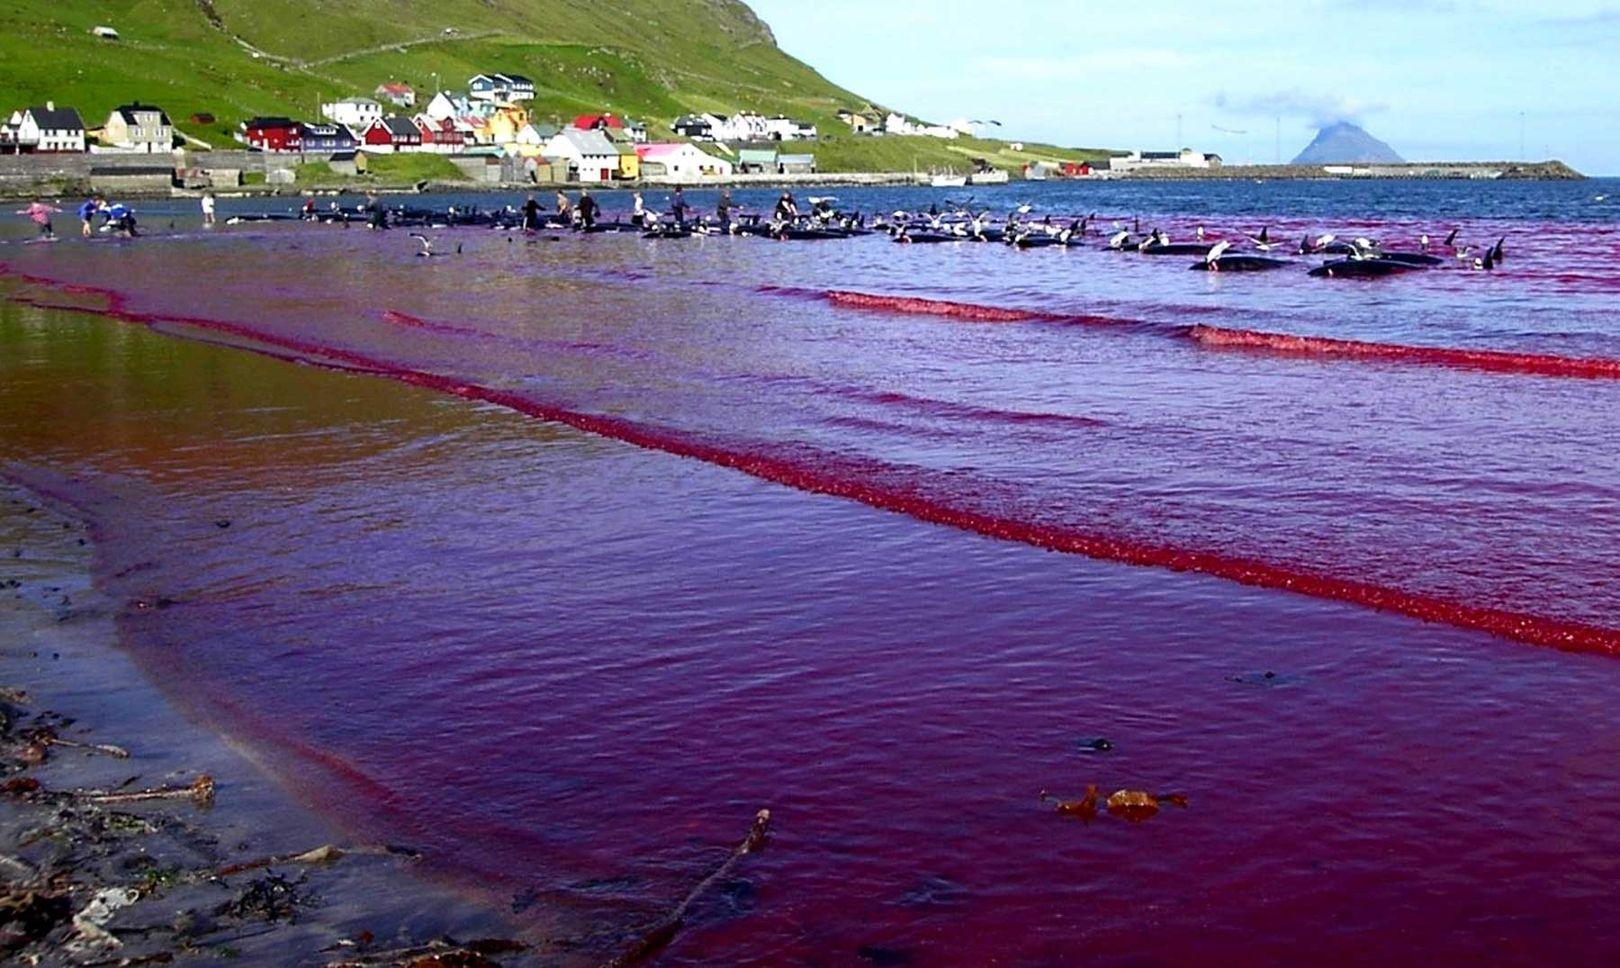 Danemark | The Grind : Le massacre de centaines de dauphins se perpétue dans les îles Féroé (Vidéos)